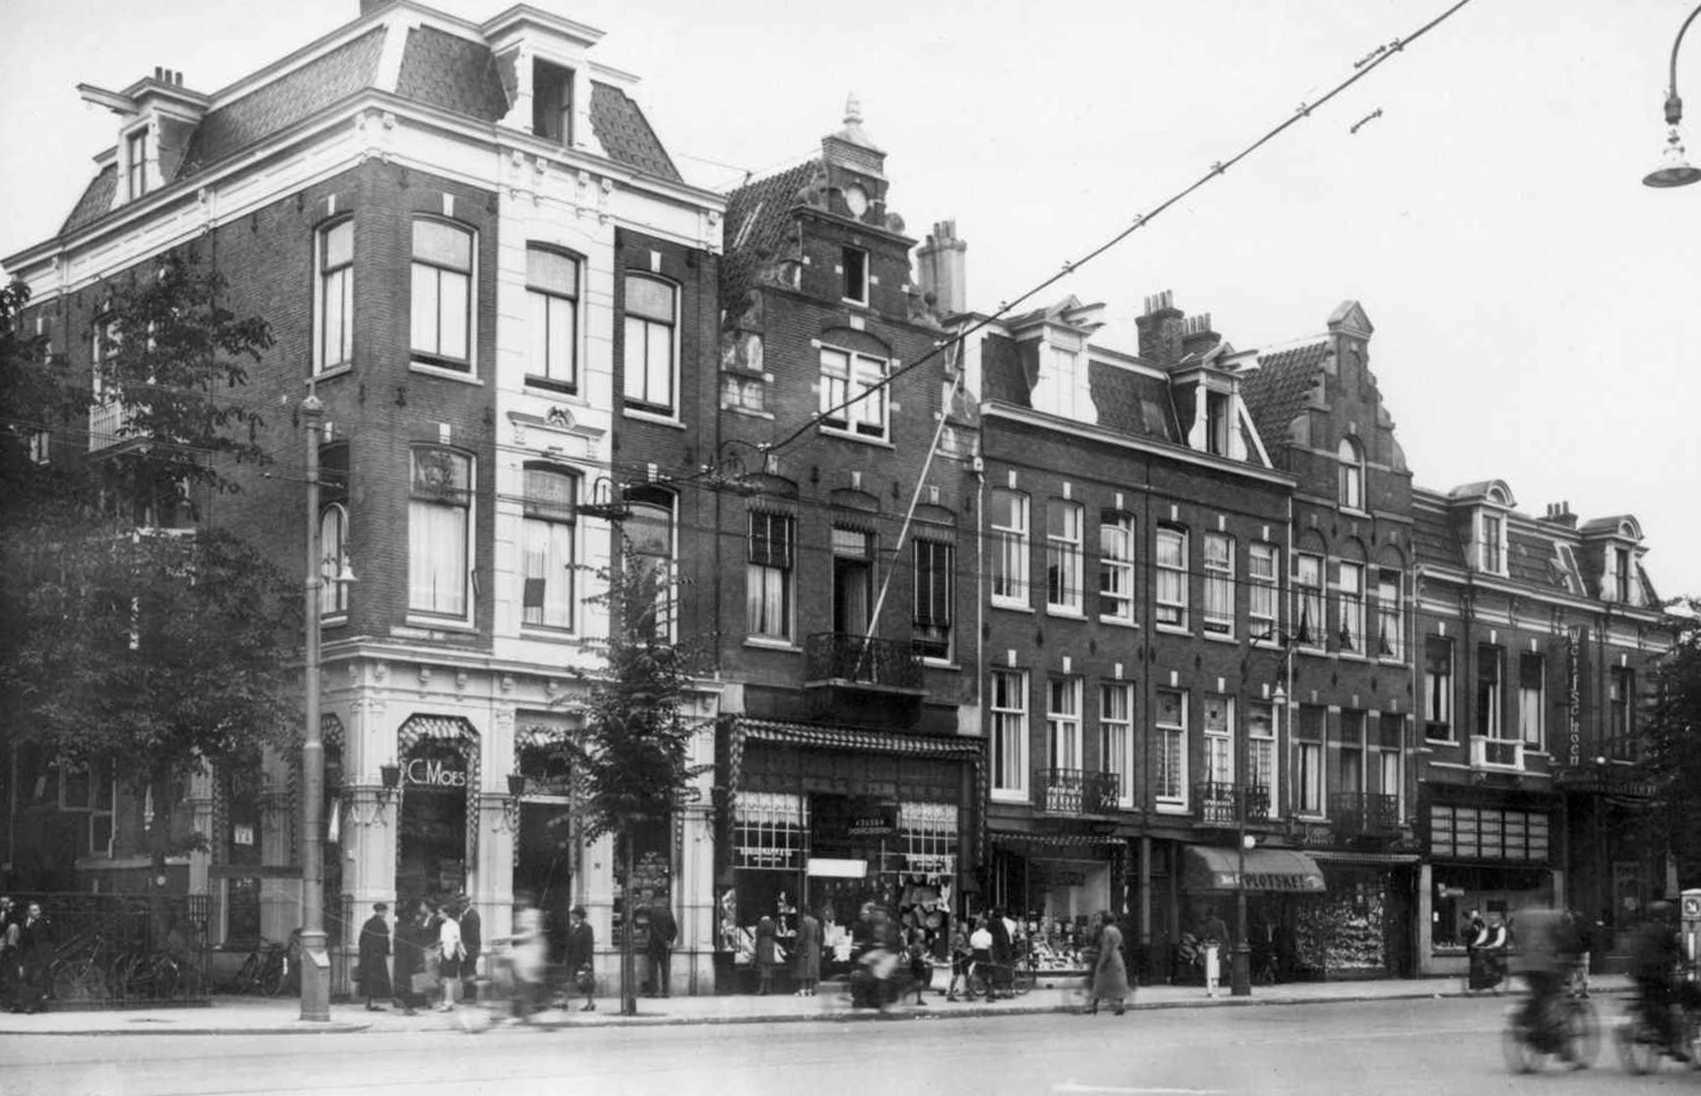 banketbakker moes 1950 geheugen van oost